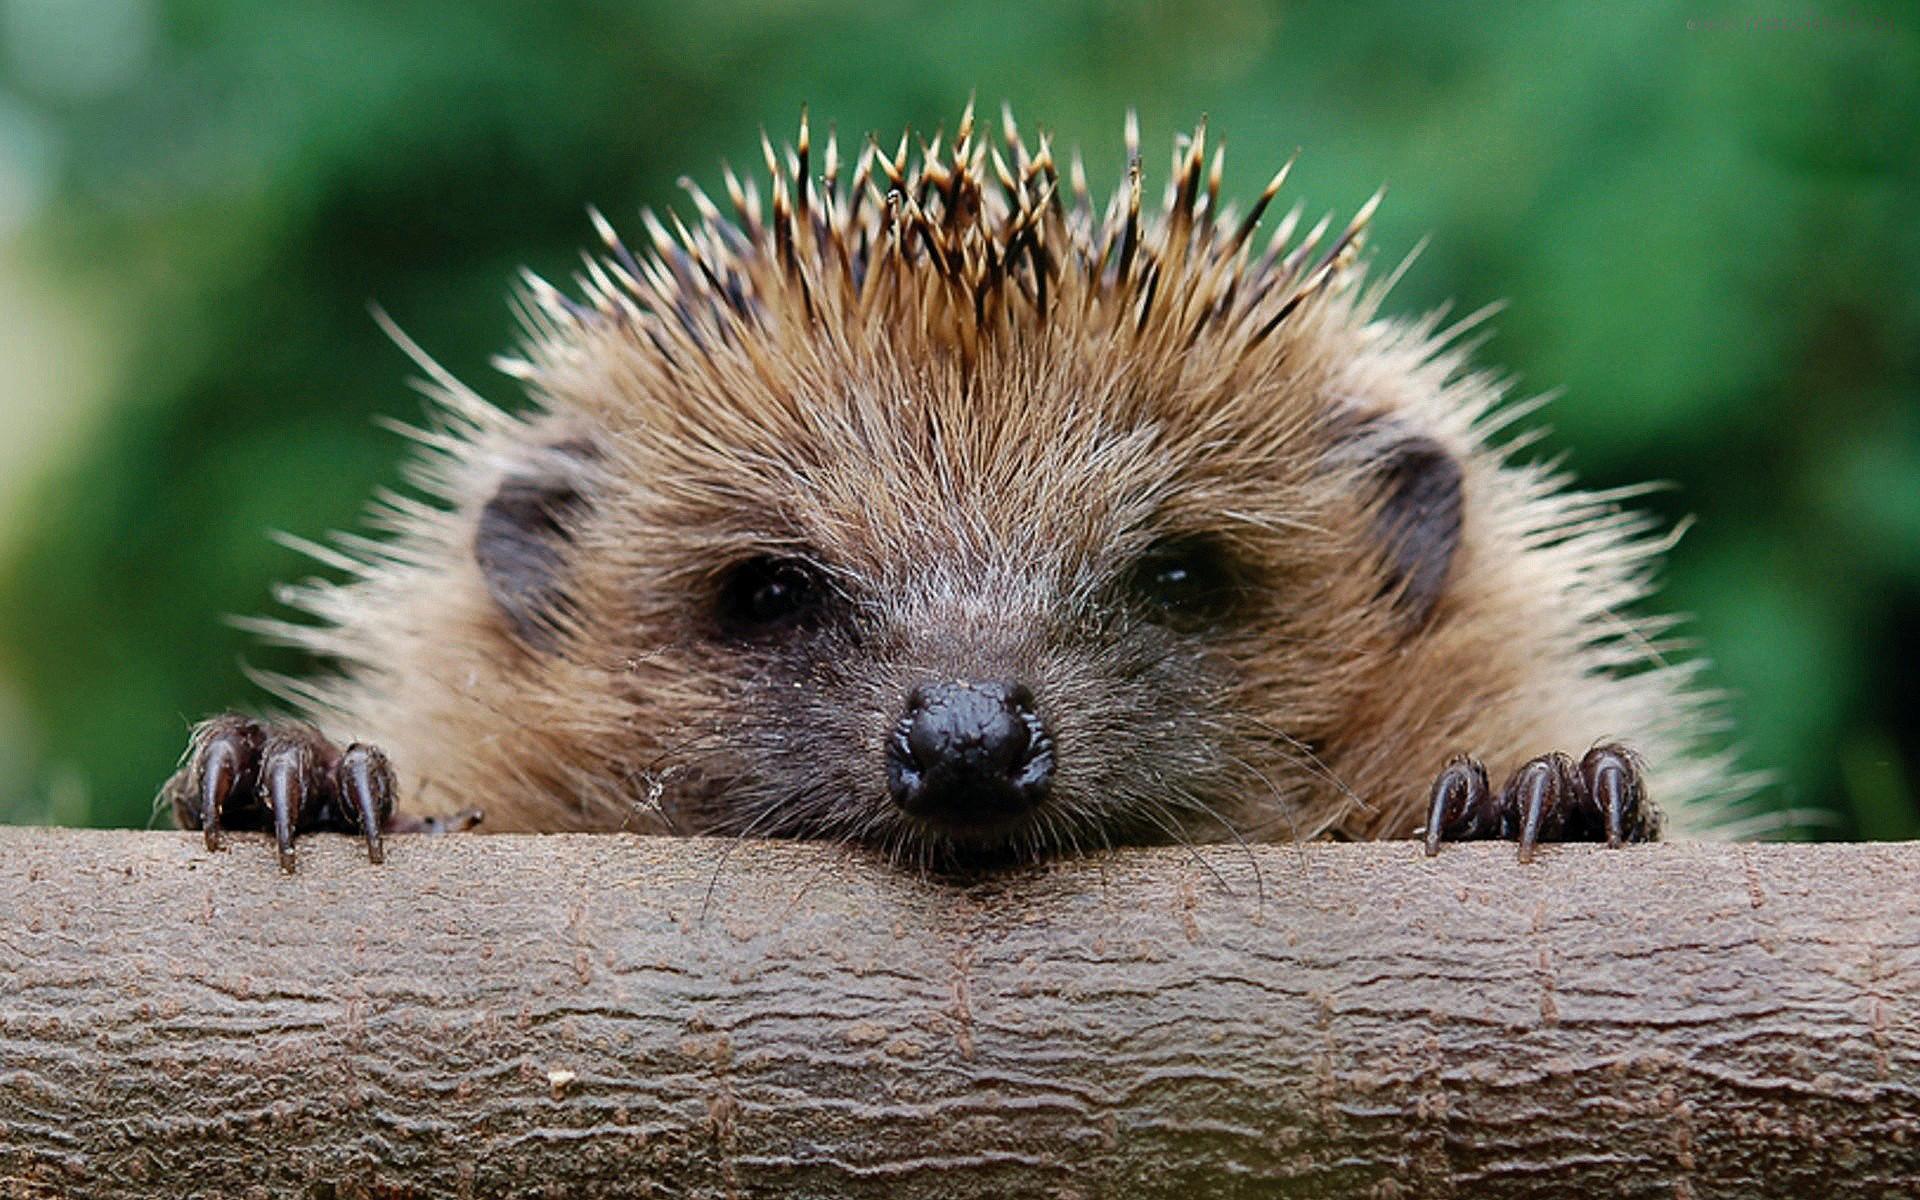 cute-baby-hedgehog-wallpapers-widescreen-2.jpg